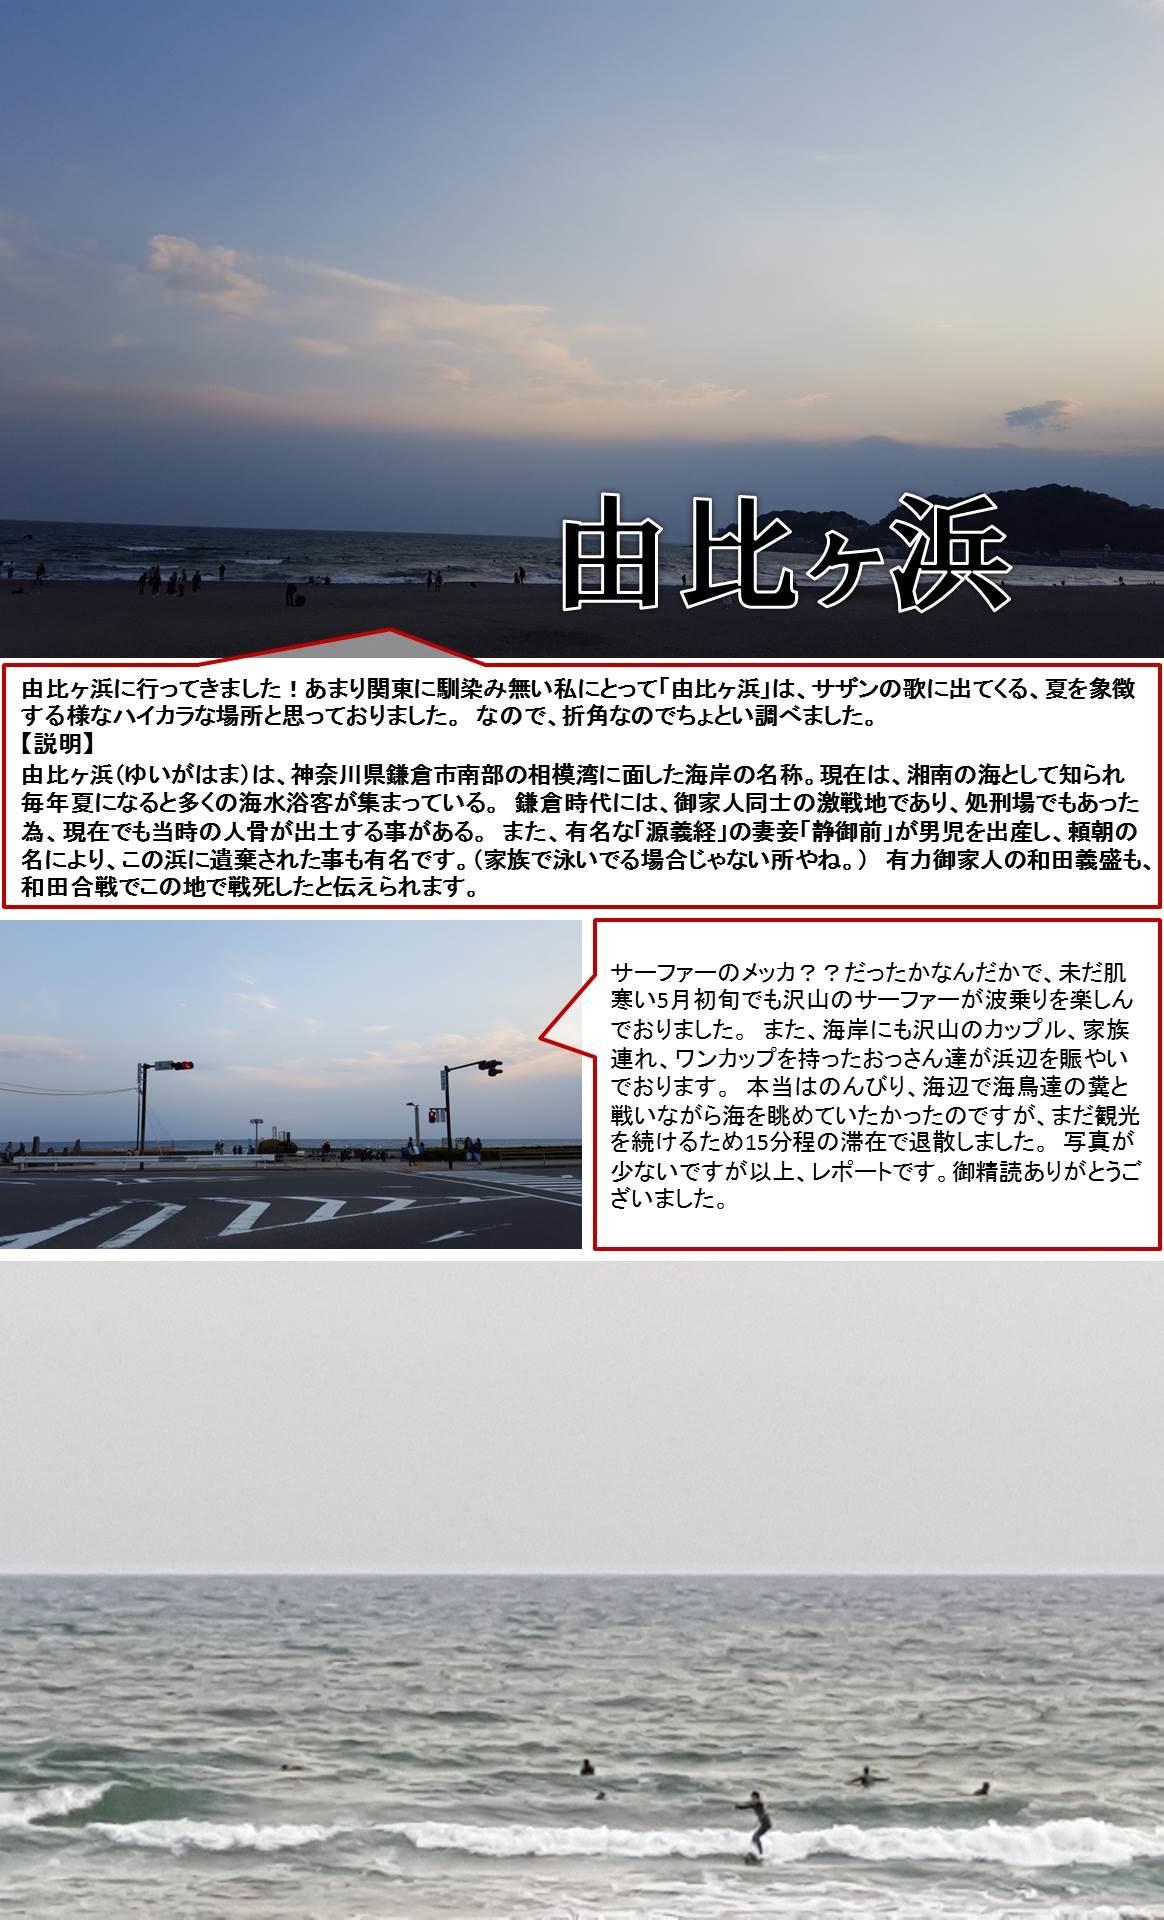 由比ヶ浜に行ってきました!あまり関東に馴染み無い私にとって「由比ヶ浜」は、サザンの歌に出てくる、夏を象徴する様なハイカラな場所と思っておりました。 なので、折角なのでちょとい調べました。【説明】由比ヶ浜(ゆいがはま)は、神奈川県鎌倉市南部の相模湾に面した海岸の名称。現在は、湘南の海として知られ毎年夏になると多くの海水浴客が集まっている。 鎌倉時代には、御家人同士の激戦地であり、処刑場でもあった為、現在でも当時の人骨が出土する事がある。 また、有名な「源義経」の妻妾「静御前」が男児を出産し、頼朝の名により、この浜に遺棄された事も有名です。(家族で泳いでる場合じゃない所やね。) 有力御家人の和田義盛も、和田合戦でこの地で戦死したと伝えられます。